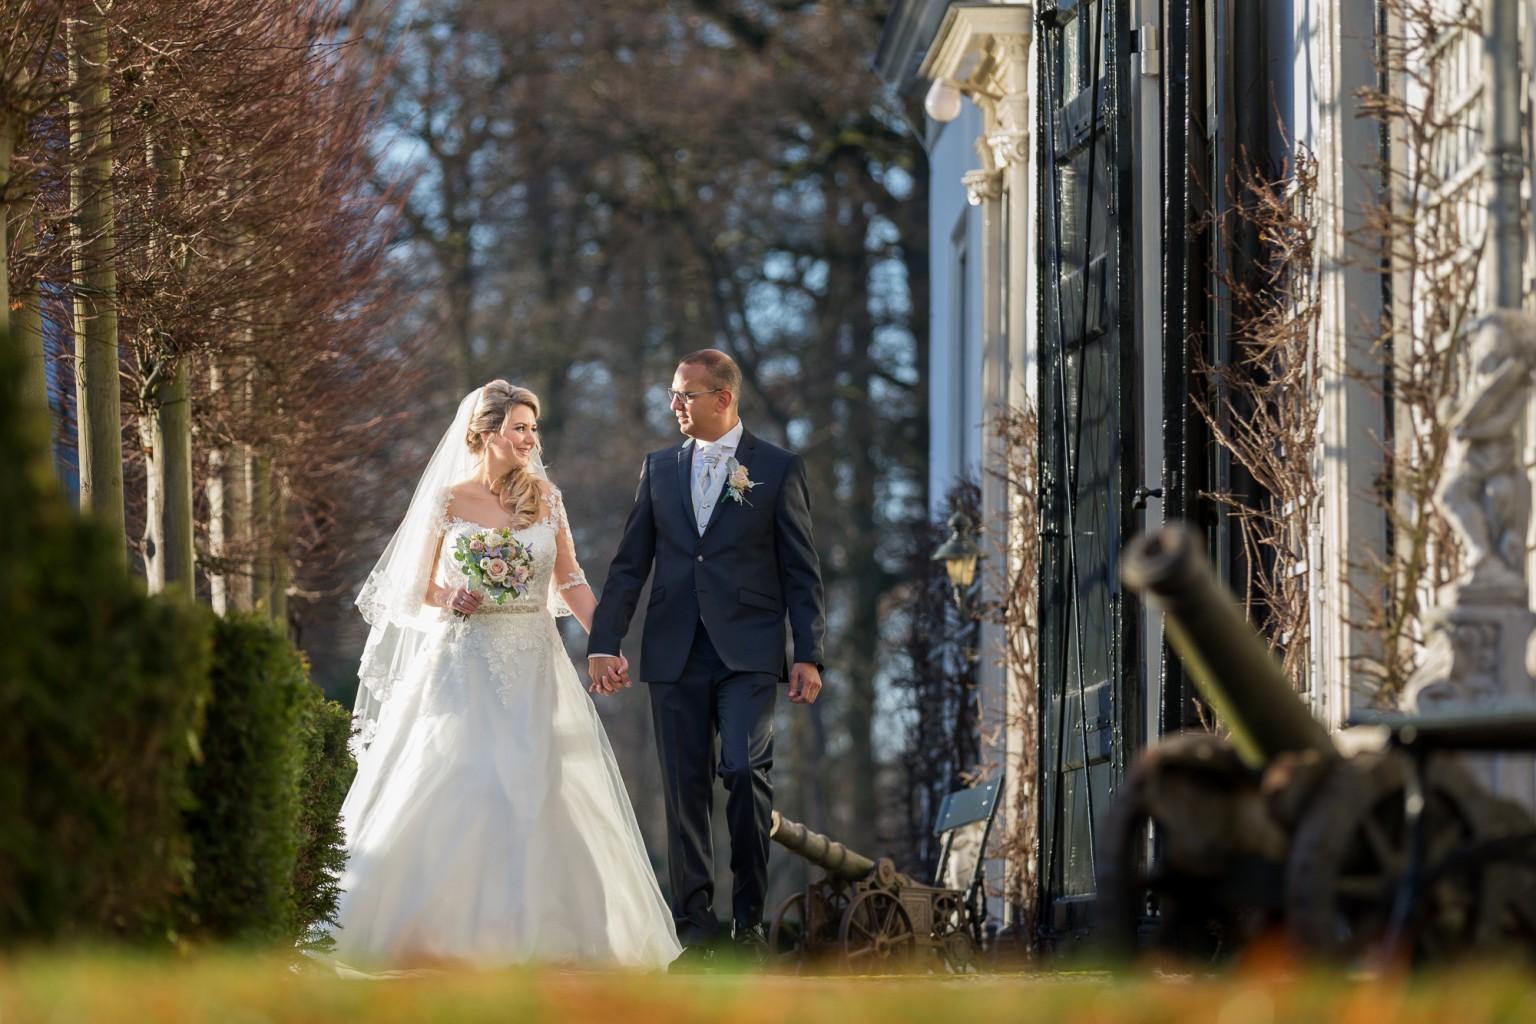 Bruidsreportage door bruidsfotograaf Peter Lammers bij Kasteel Engelenburg